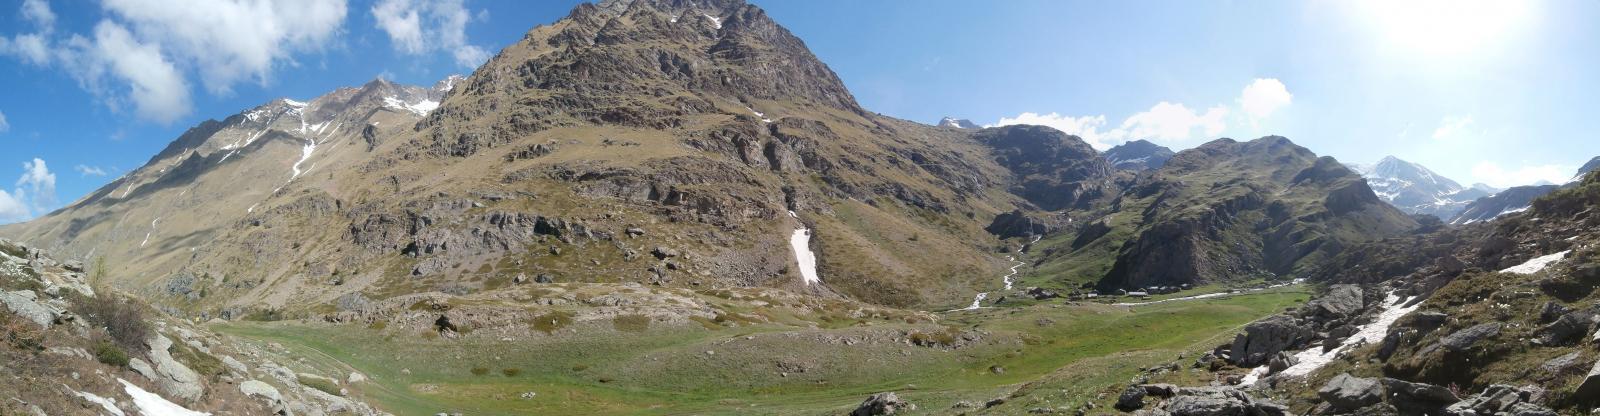 l'alpe Grauson  vista dal bivio  per il lago di Money ,sentiero 3C..